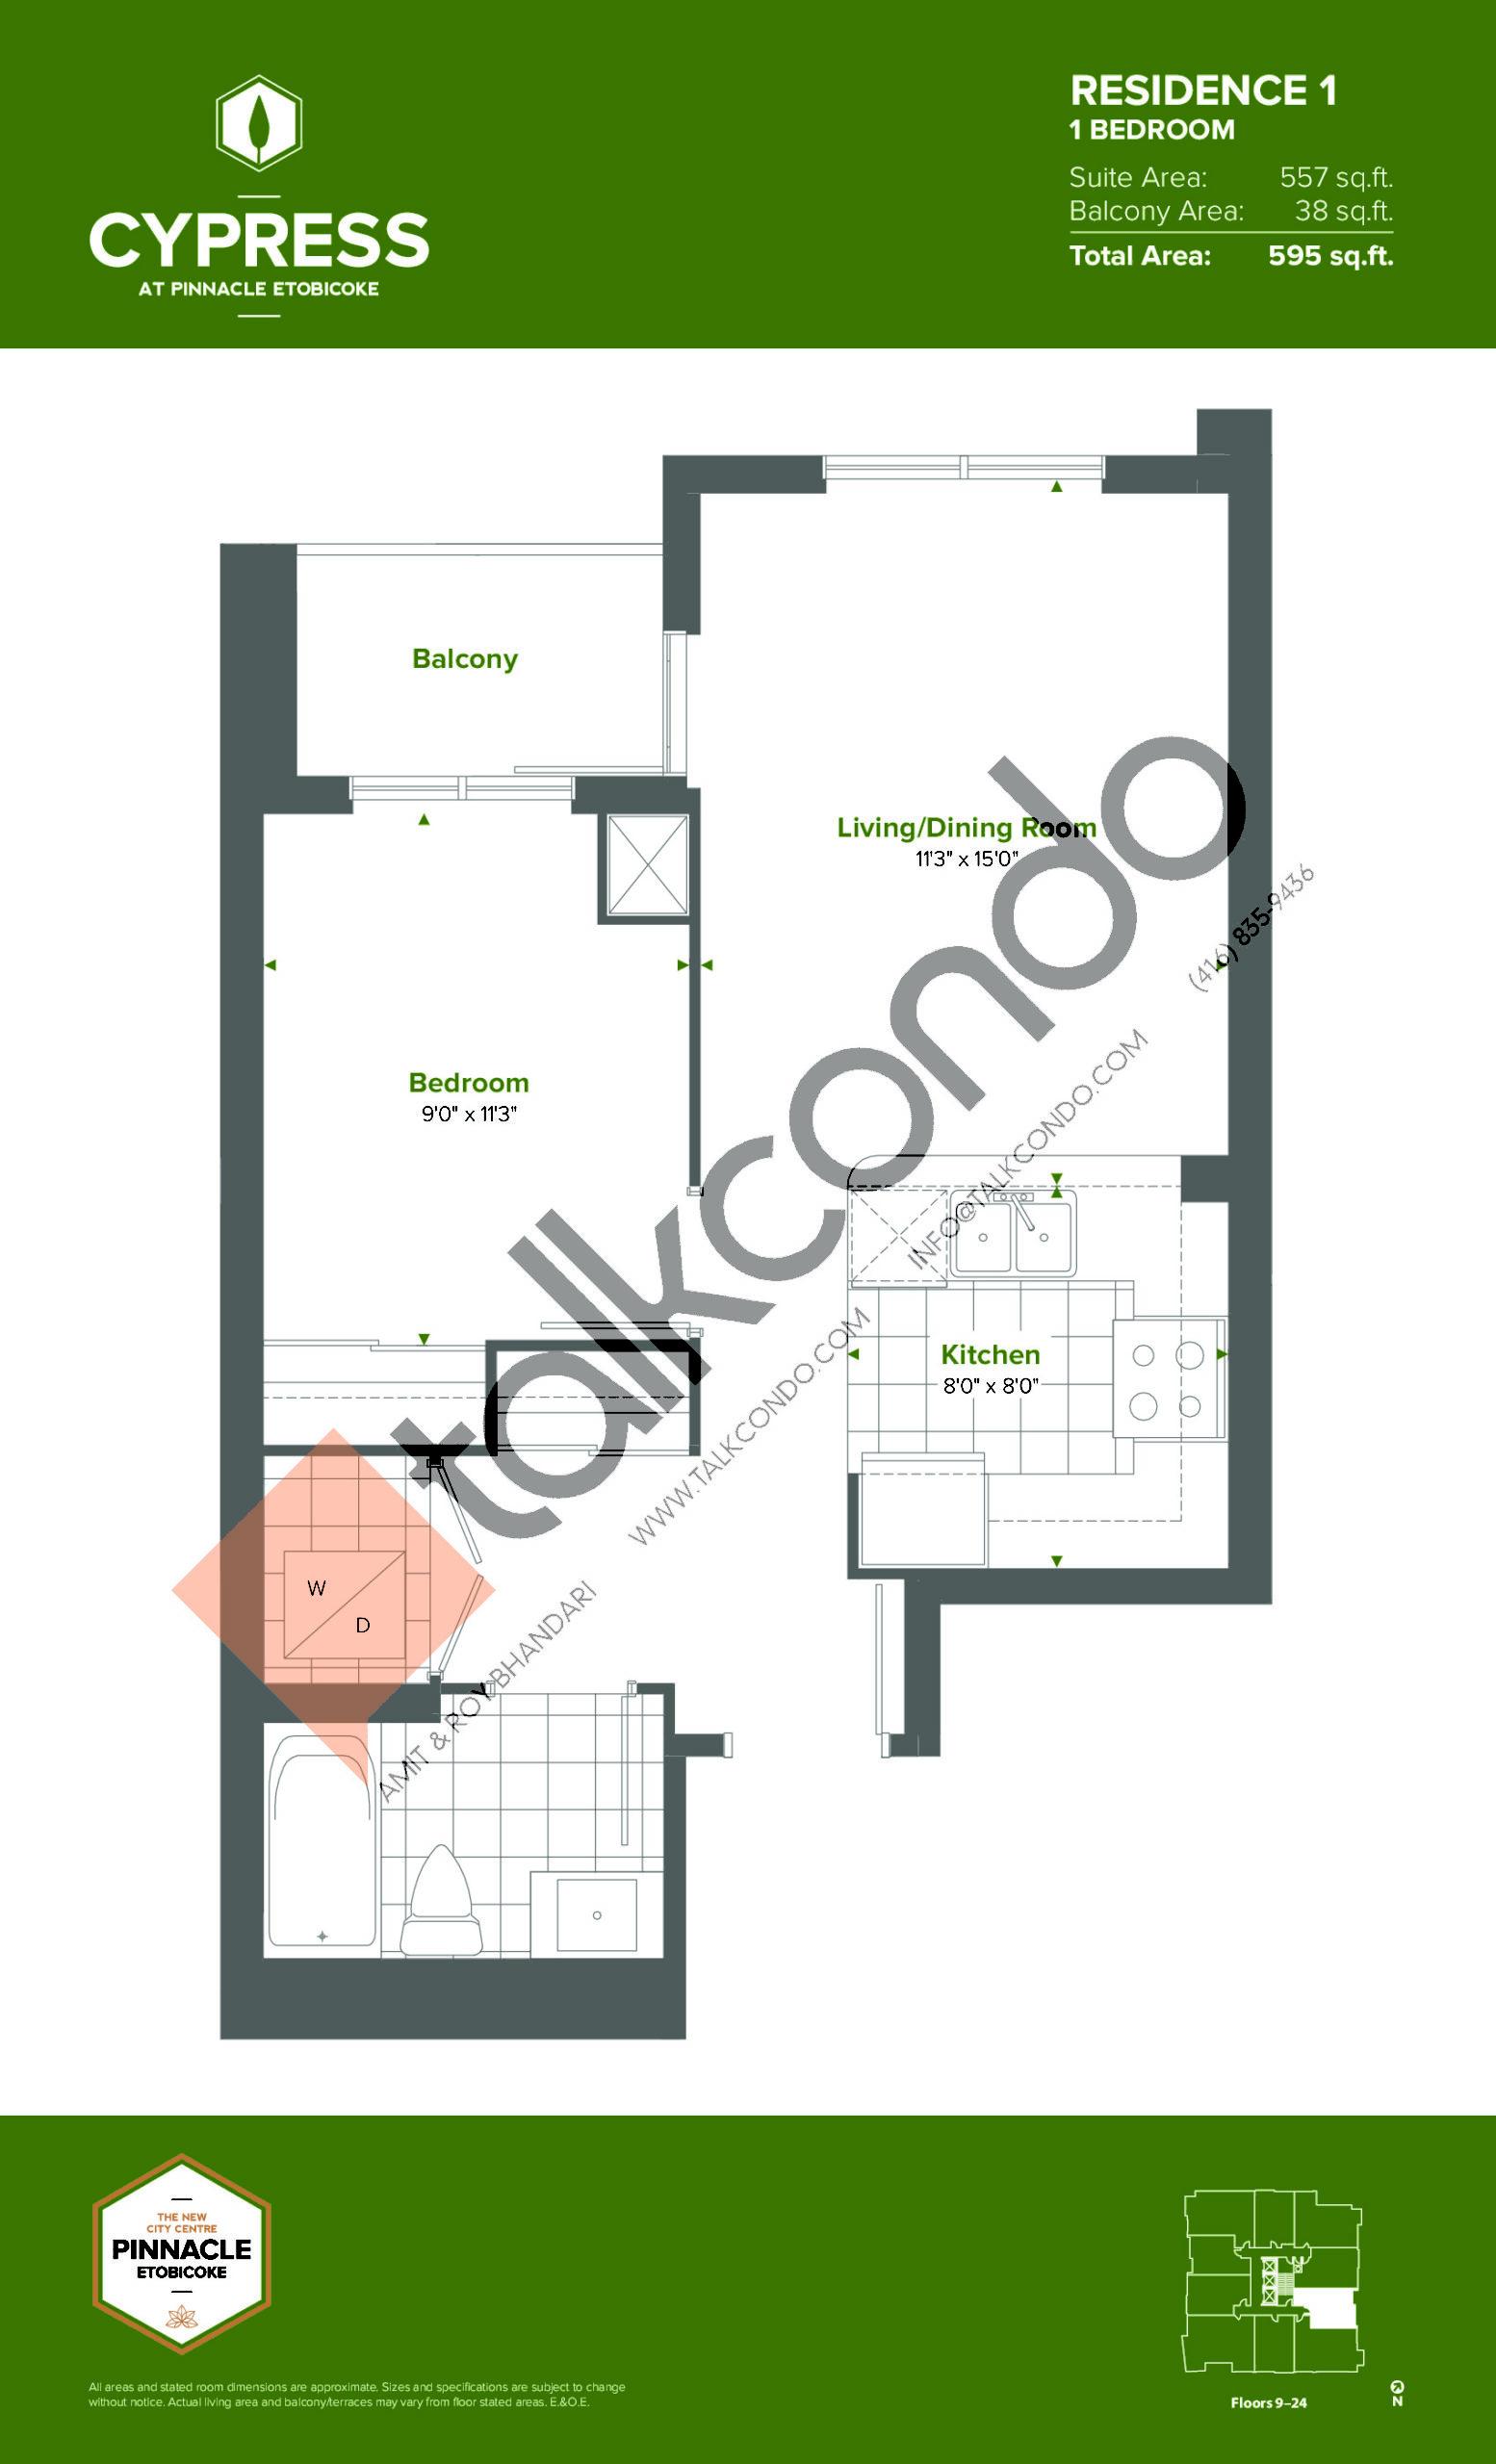 Residence 1 (Tower) Floor Plan at Cypress at Pinnacle Etobicoke - 557 sq.ft